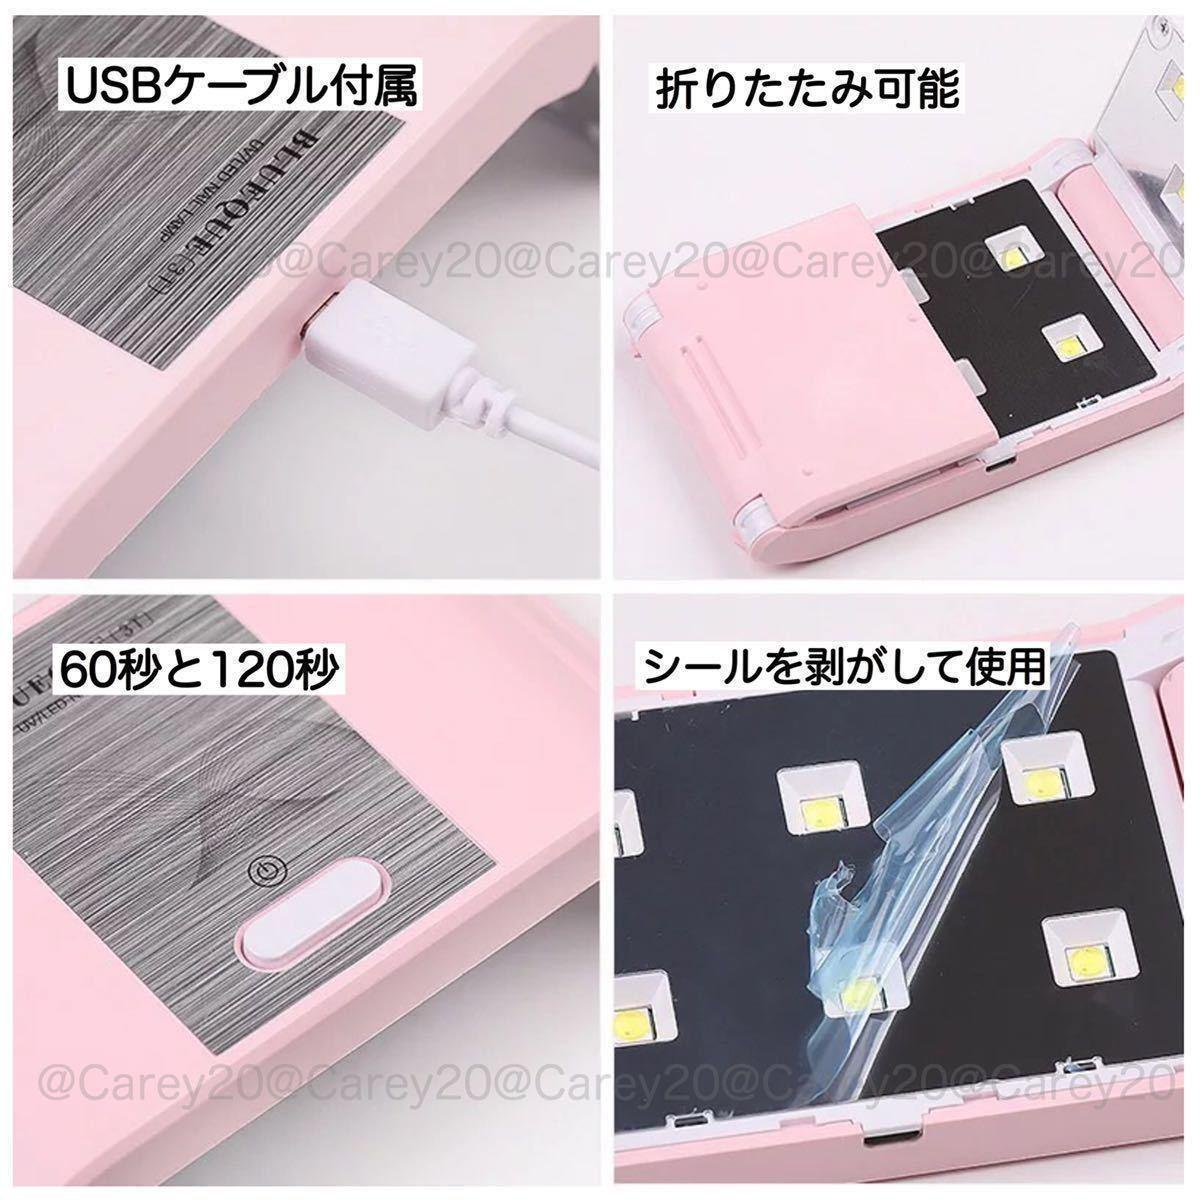 ネイルライト 36W 12LED pink コンパクト ネイルランプ ネイルドライヤー ピンク